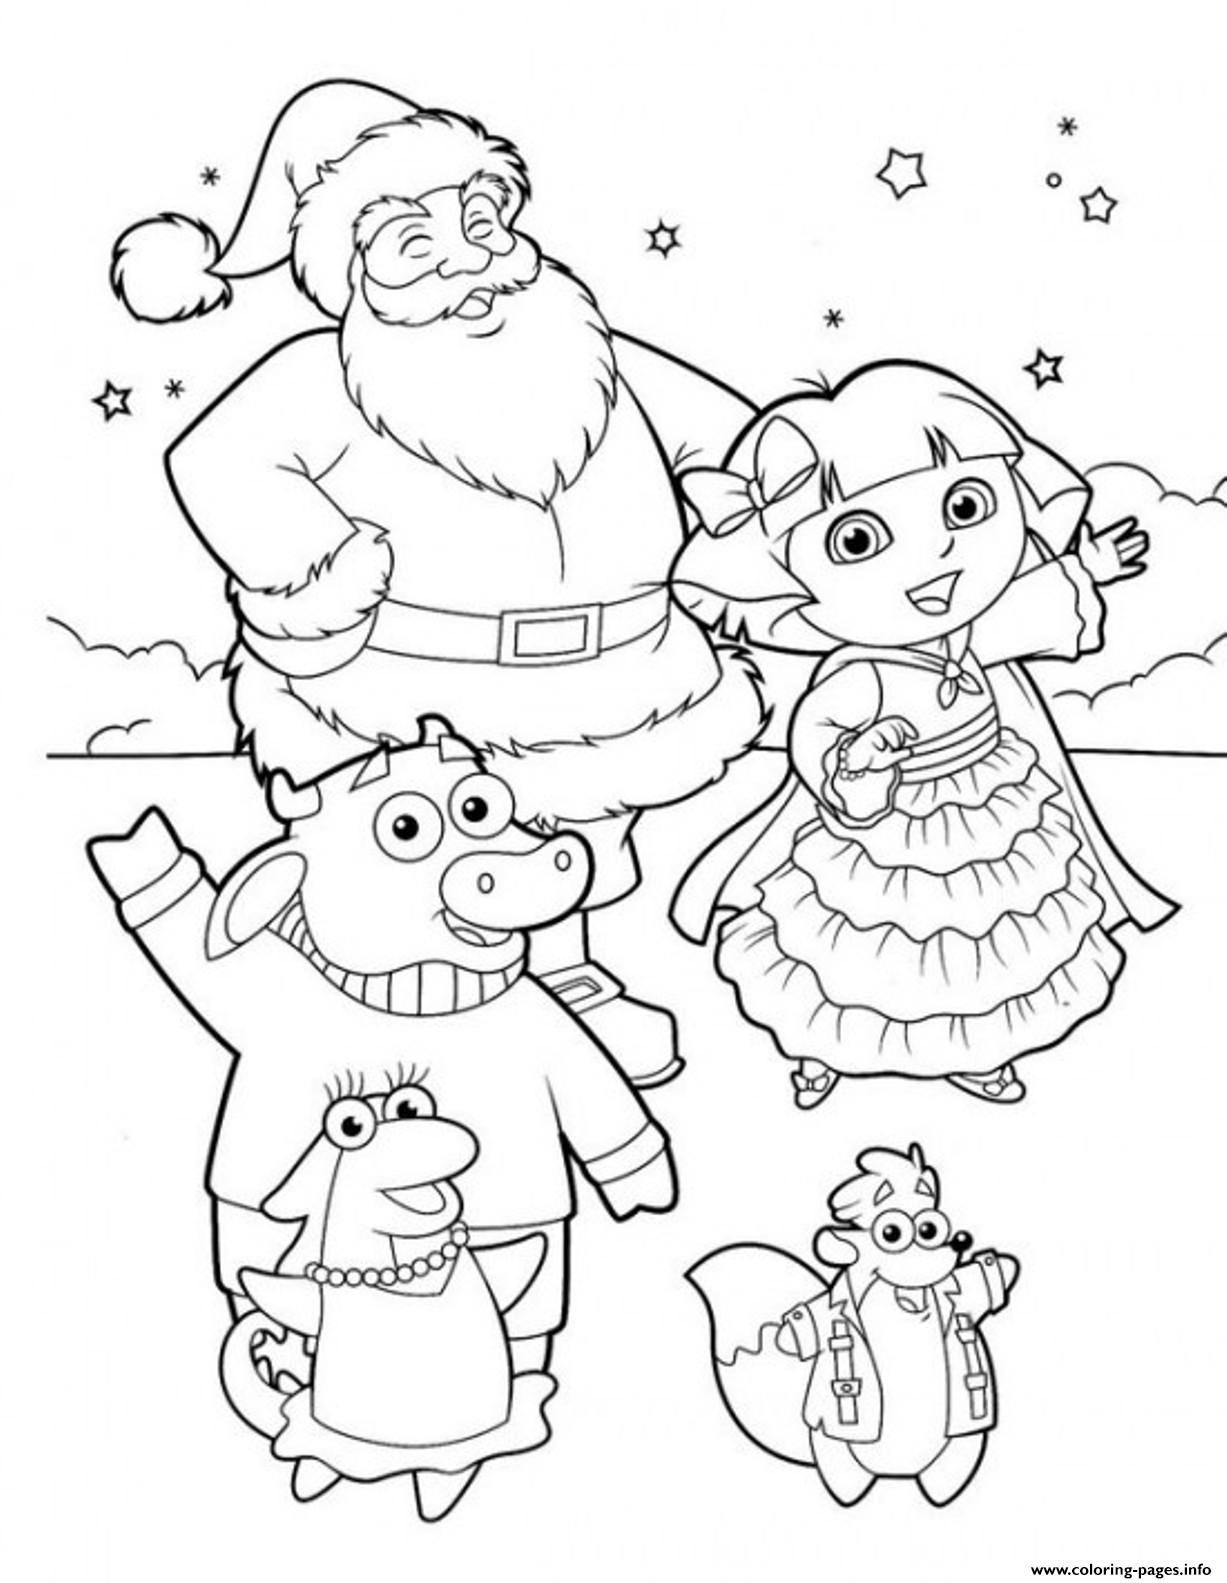 Dora The Explorer S For Kids For Christmas Freef472